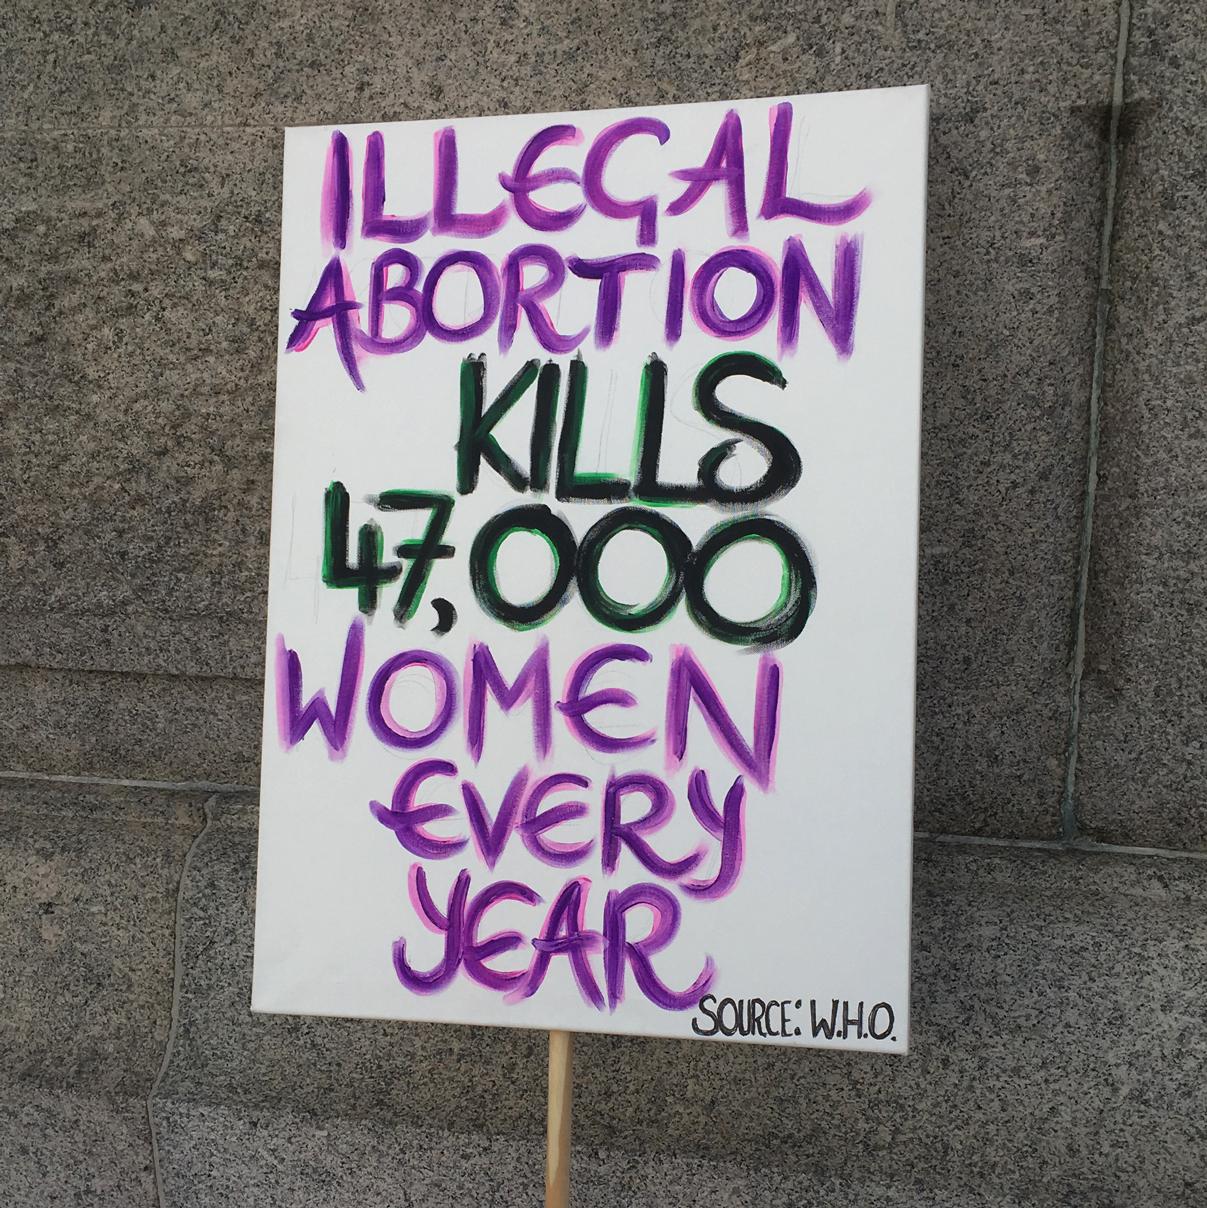 Illegal-abortion.jpg